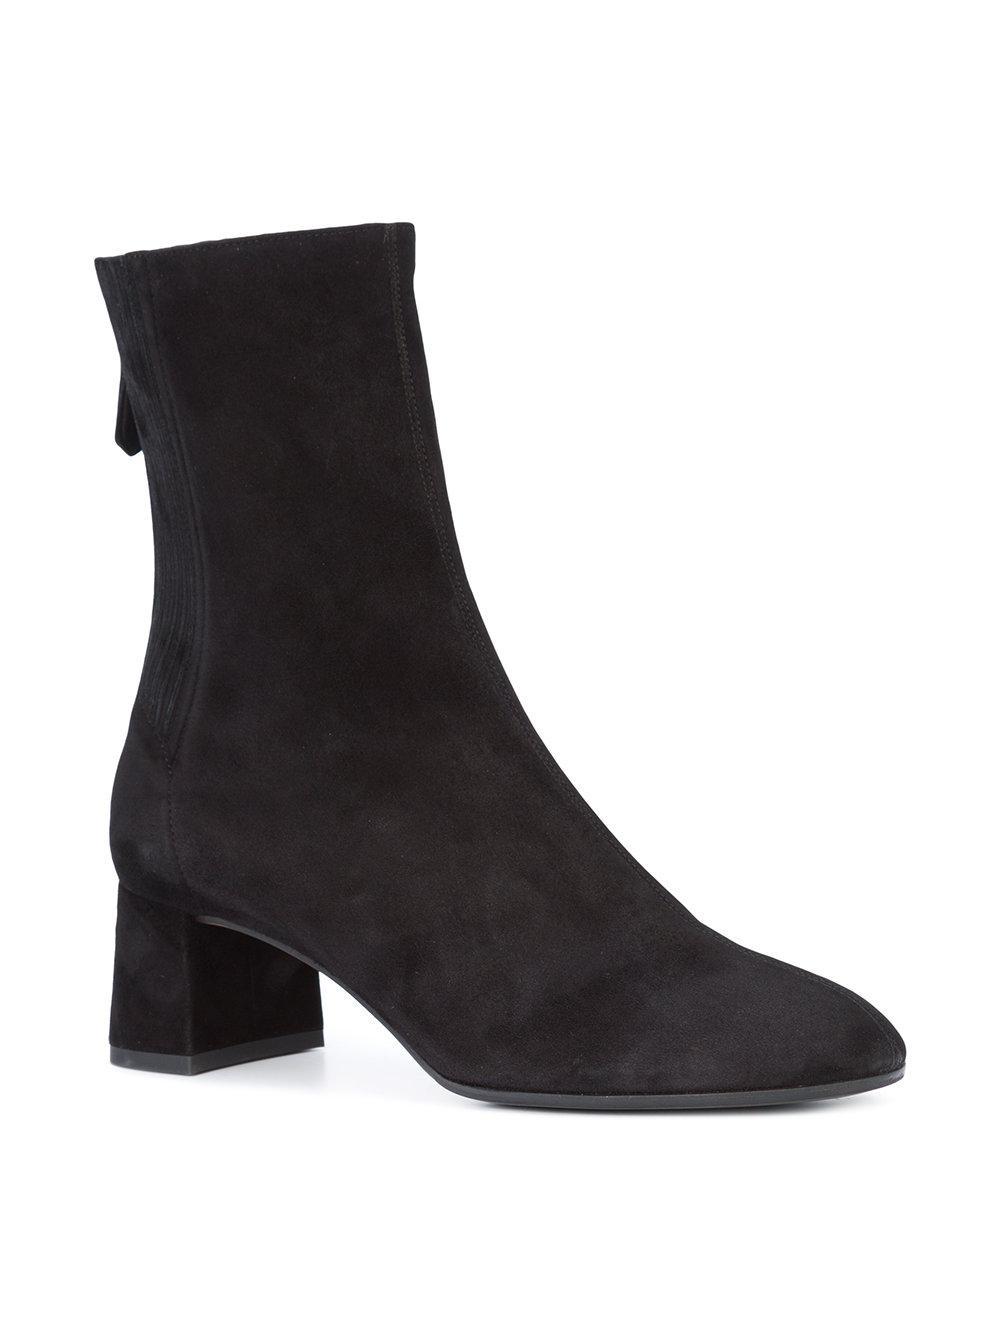 0f5bed47247 Lyst - Aquazzura Mid-calf Block Heel Boots in Black